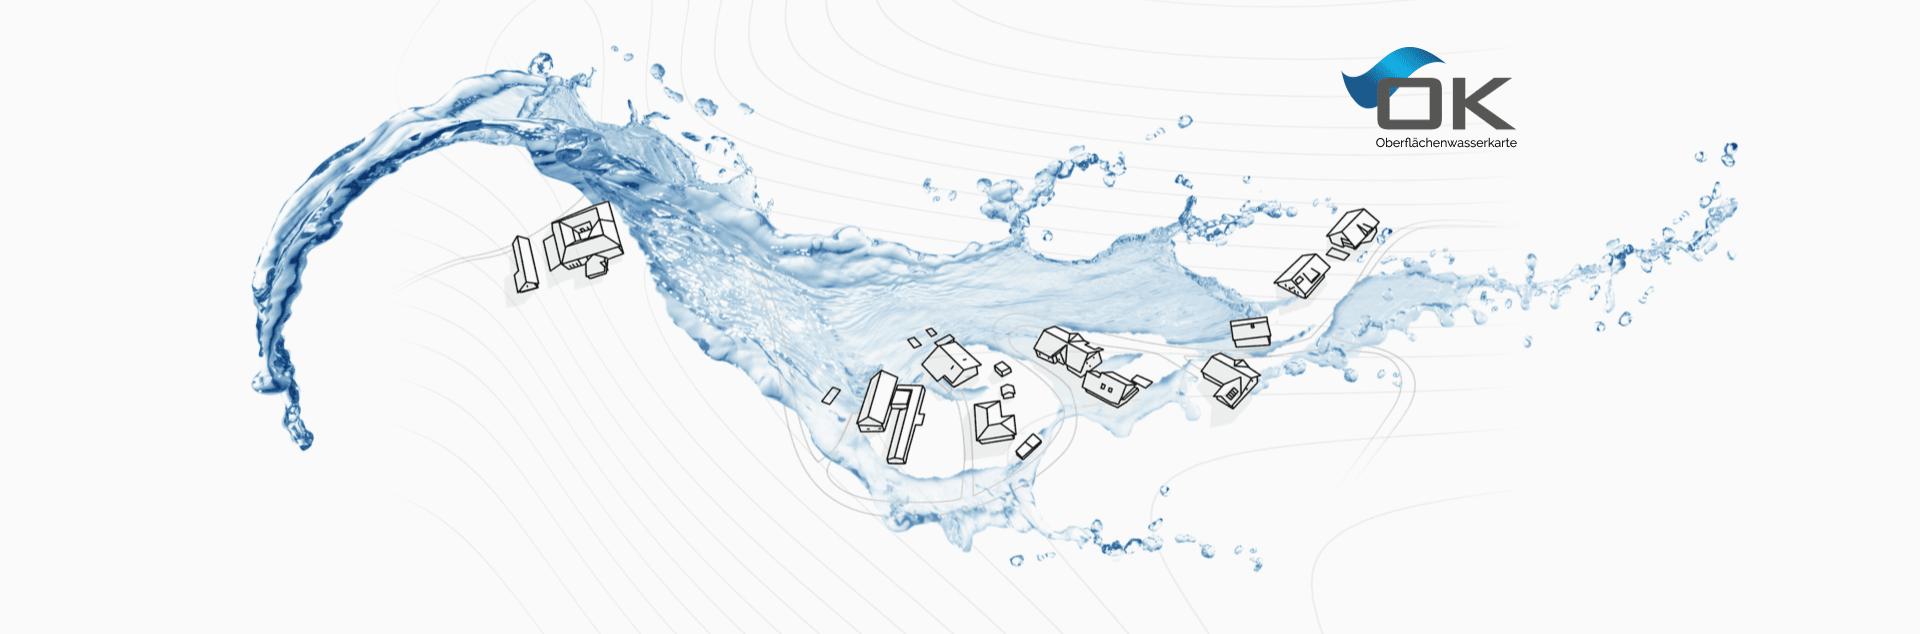 Oberflächenwasser